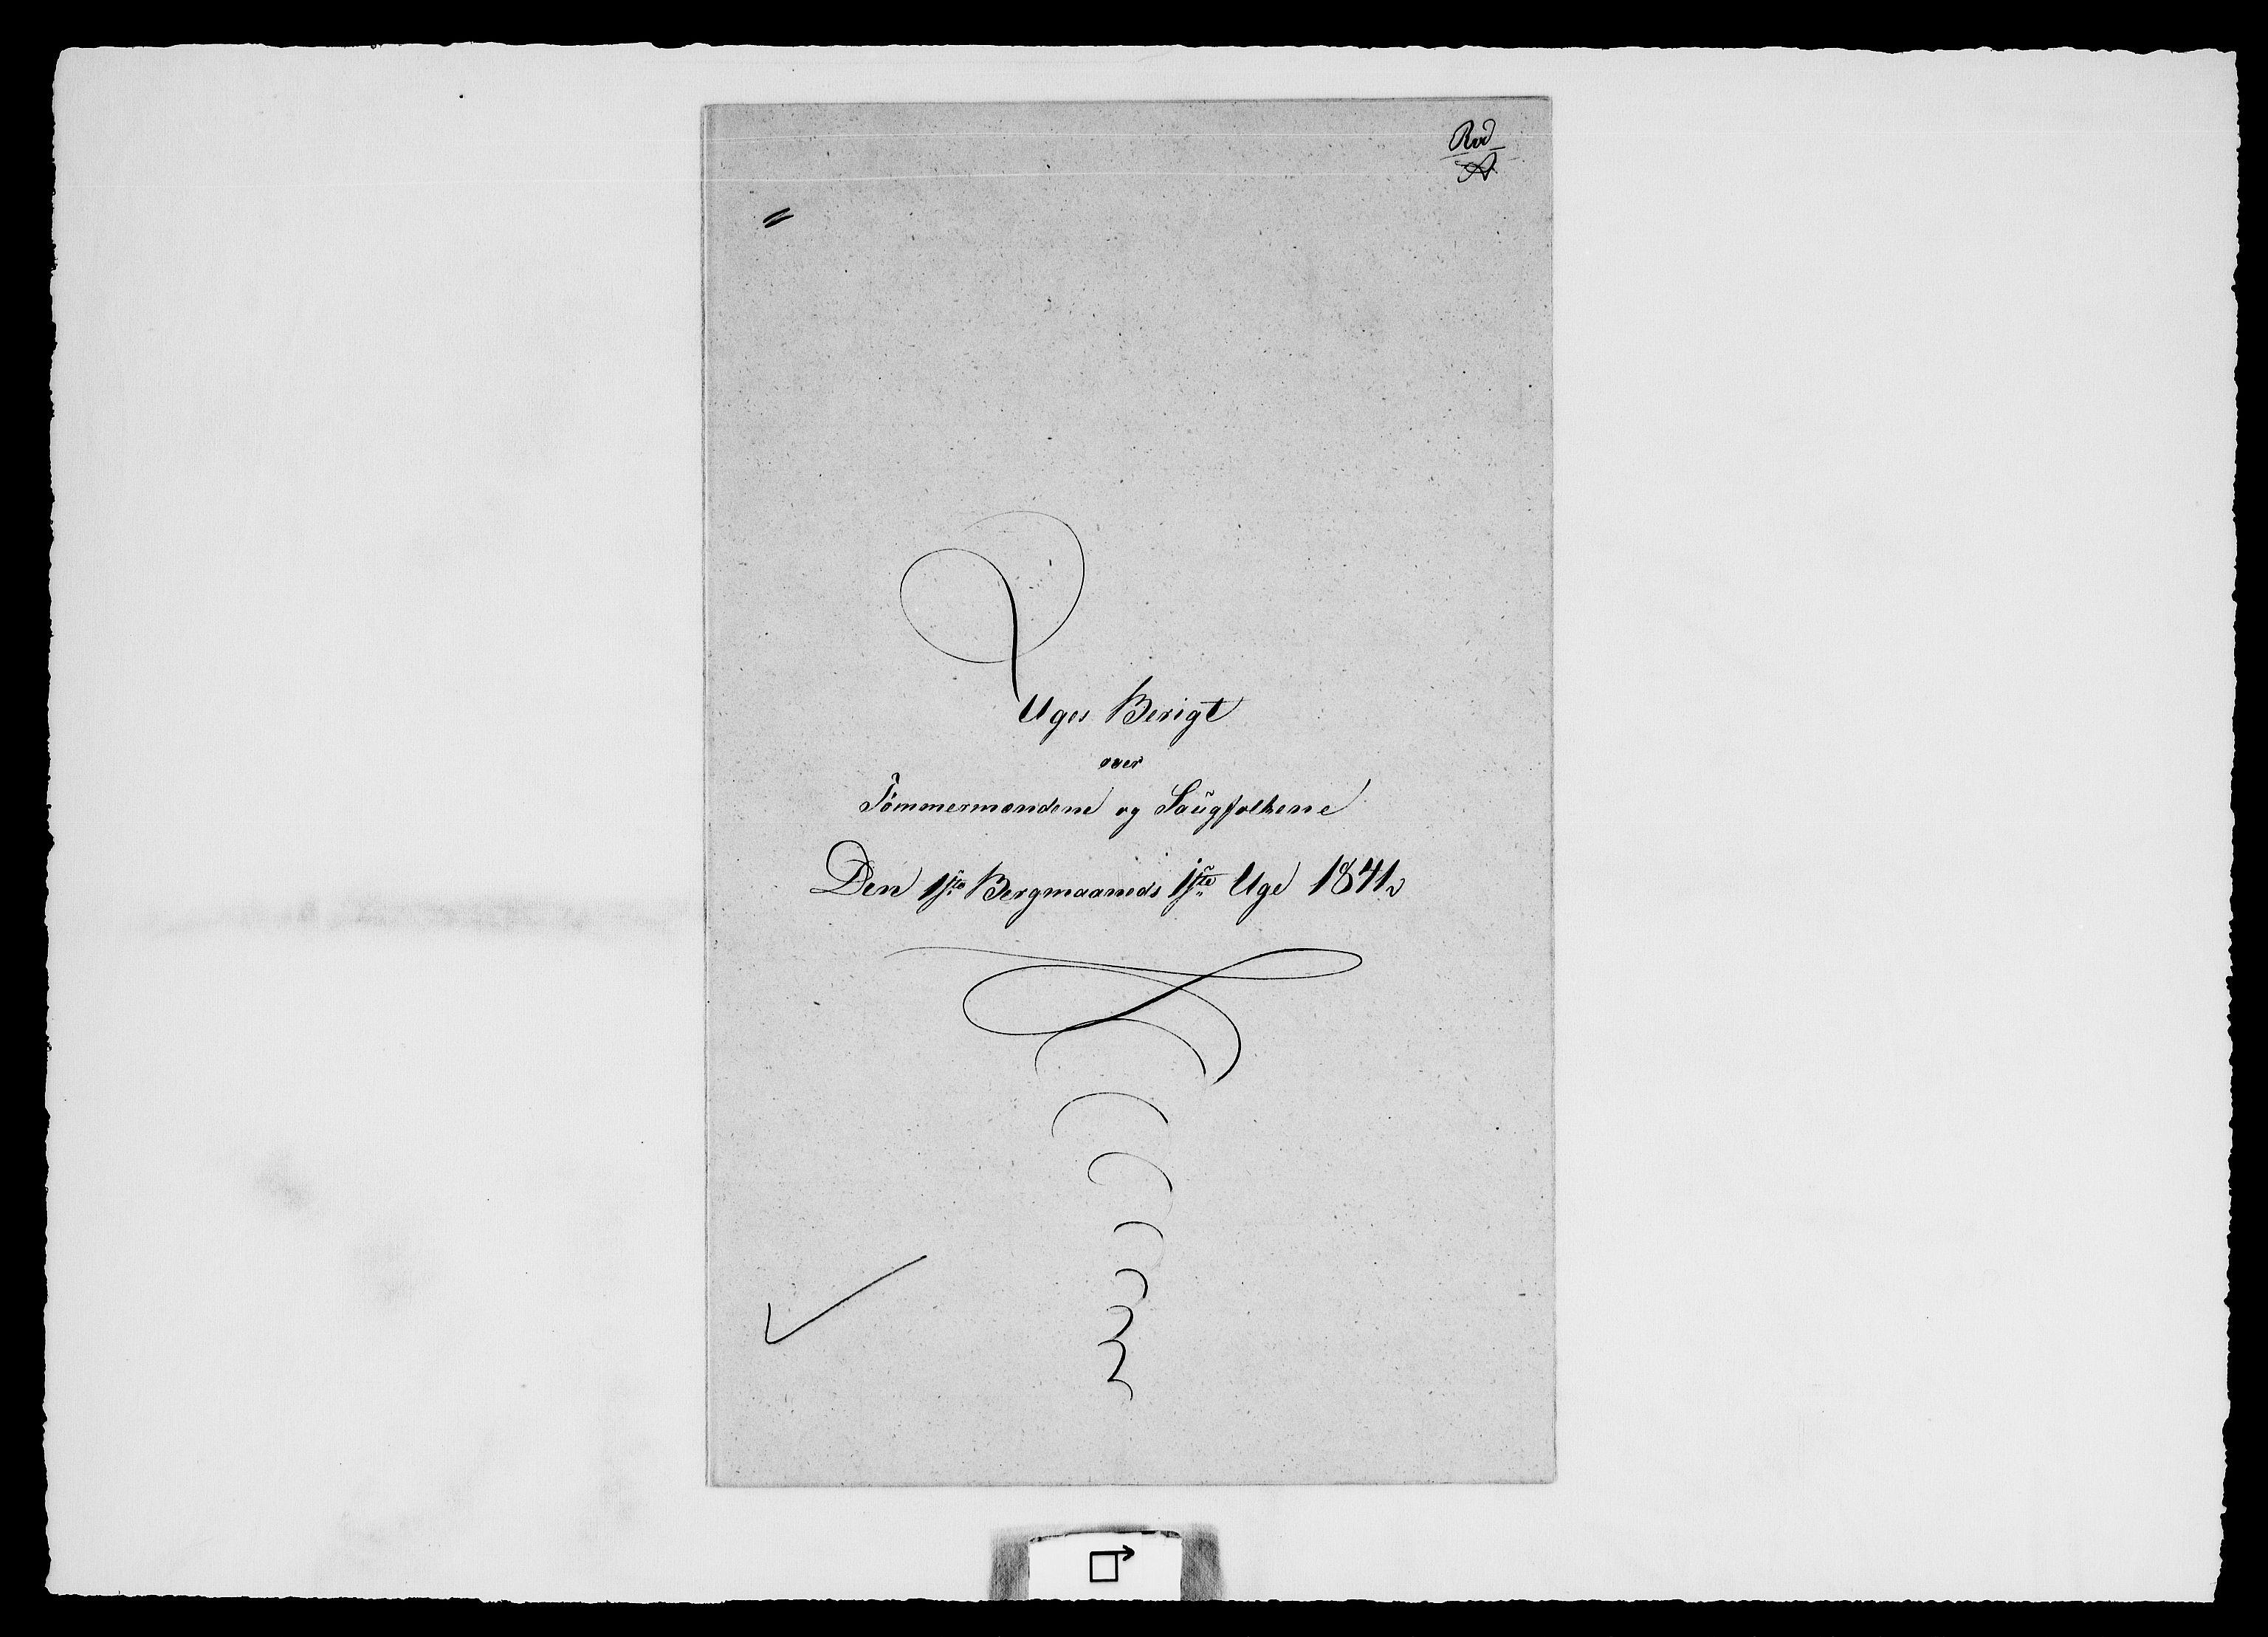 RA, Modums Blaafarveværk, G/Ge/L0361, 1841-1848, s. 2